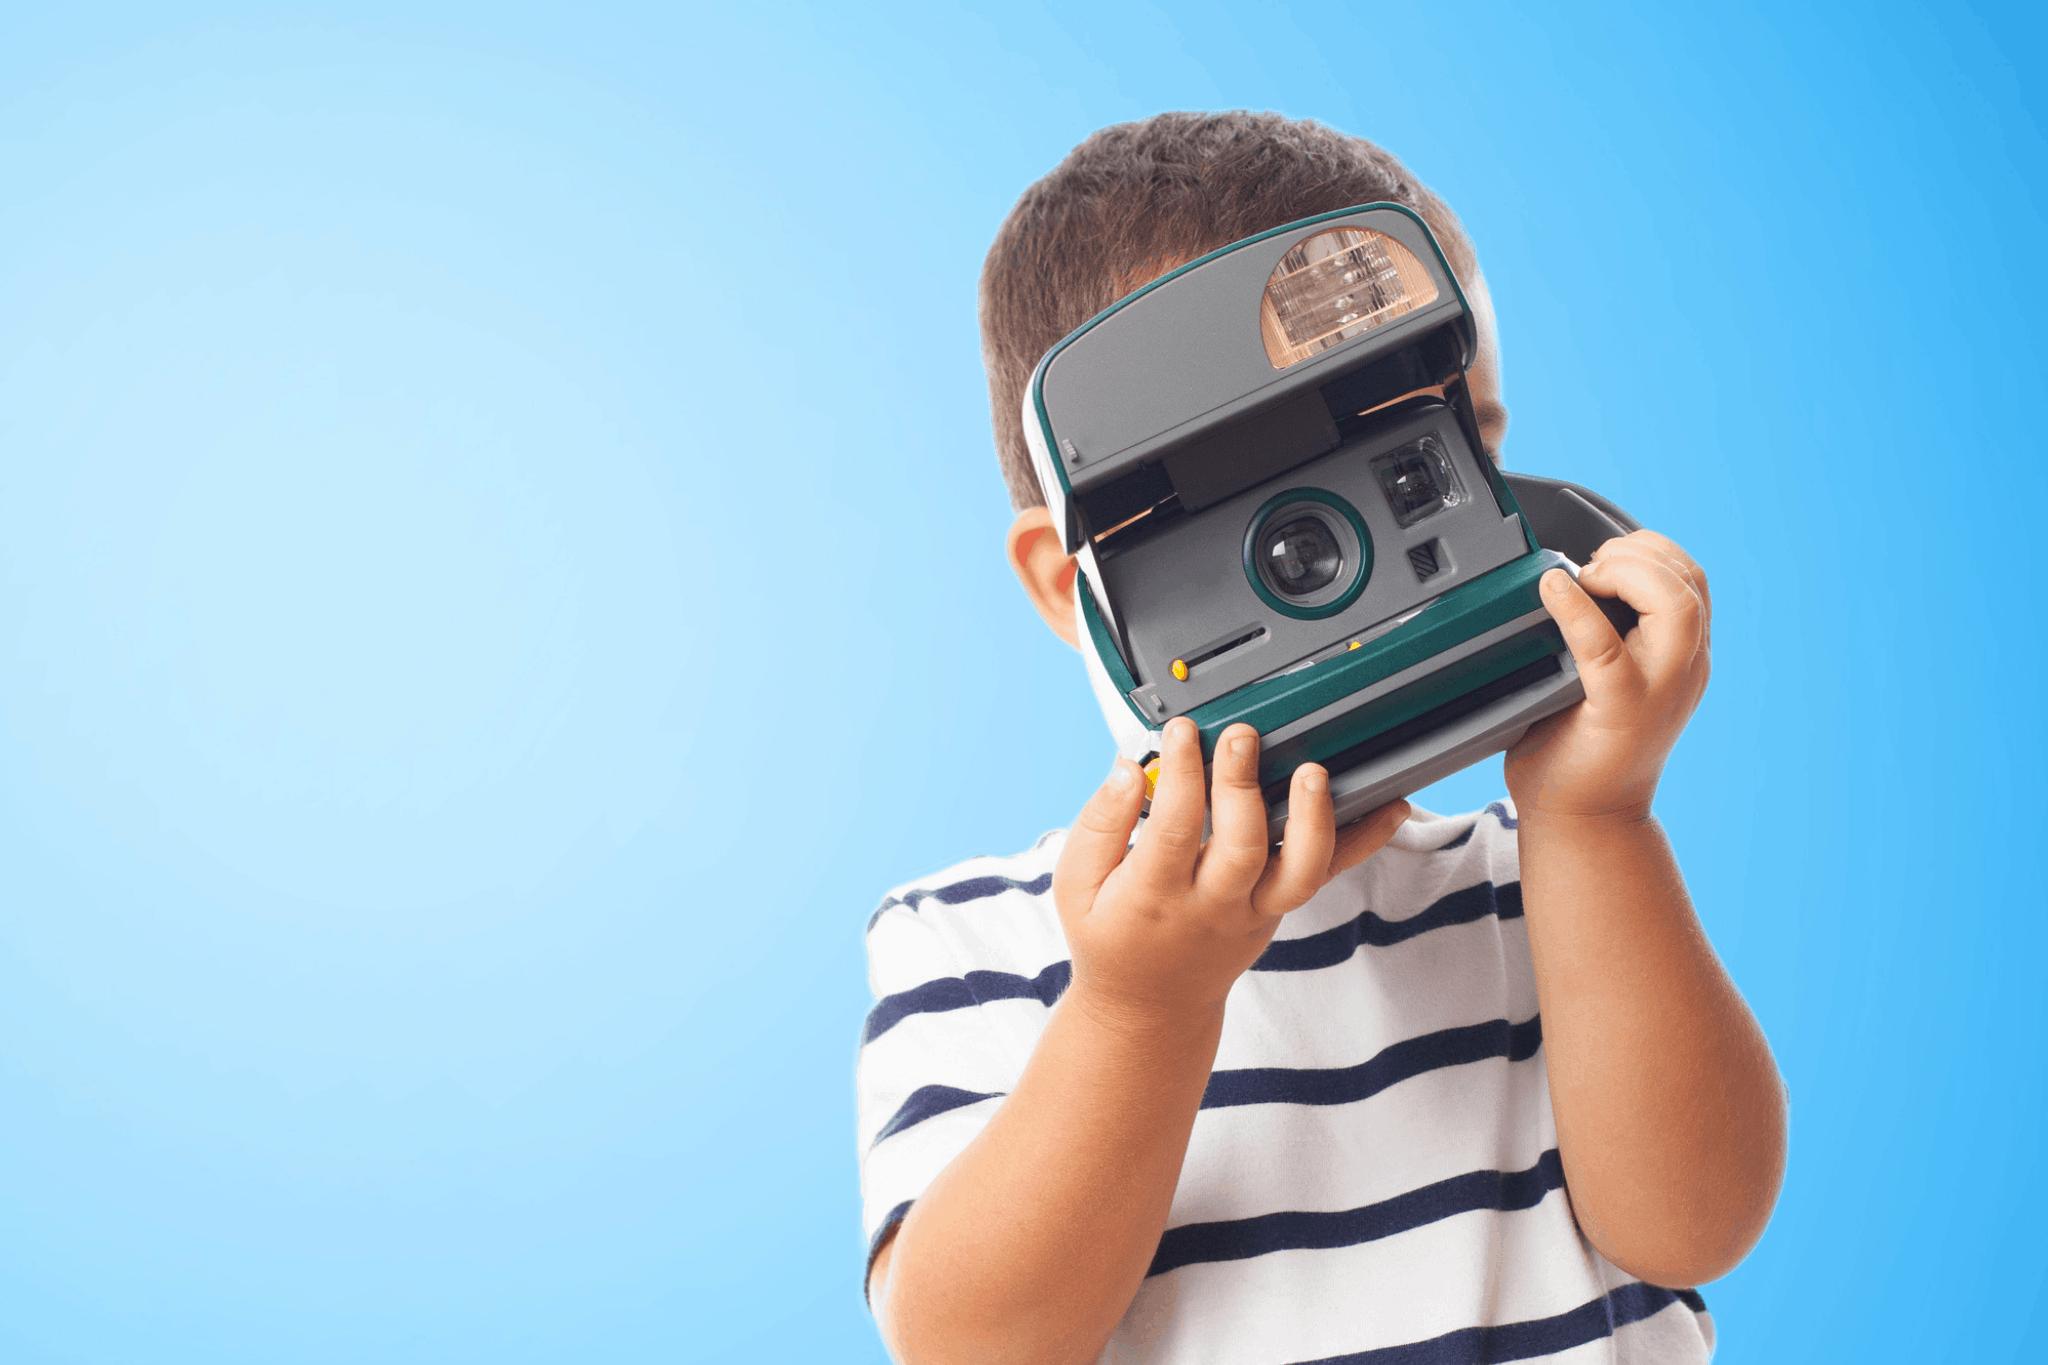 Boy takes photo